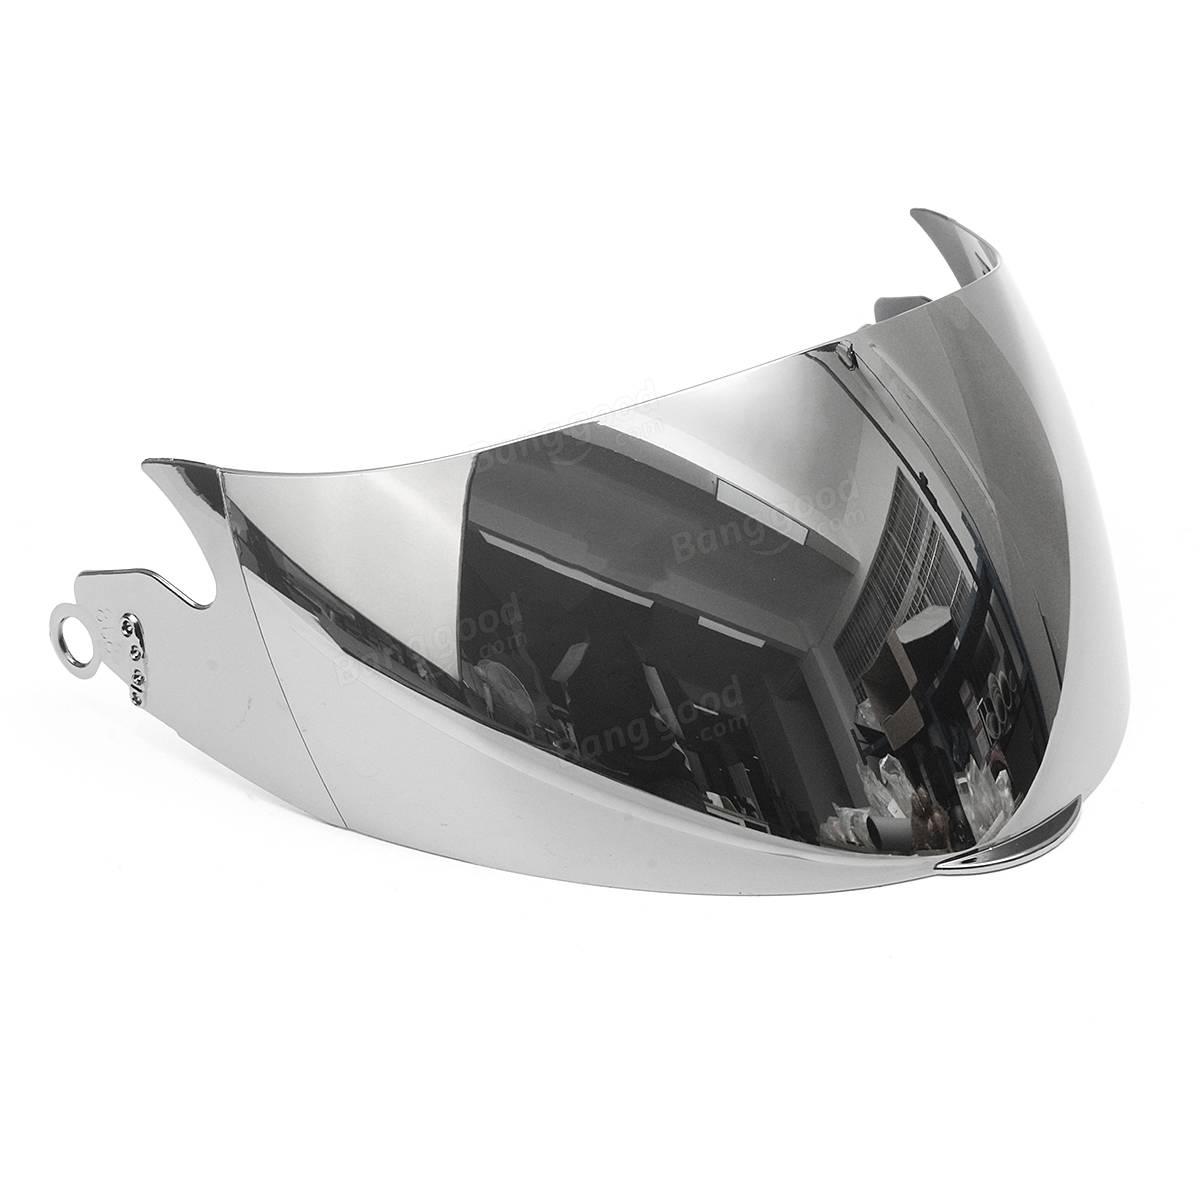 lunette de vis e de casque de moto appropri e pour la vertu 808 argent noir clair vente. Black Bedroom Furniture Sets. Home Design Ideas